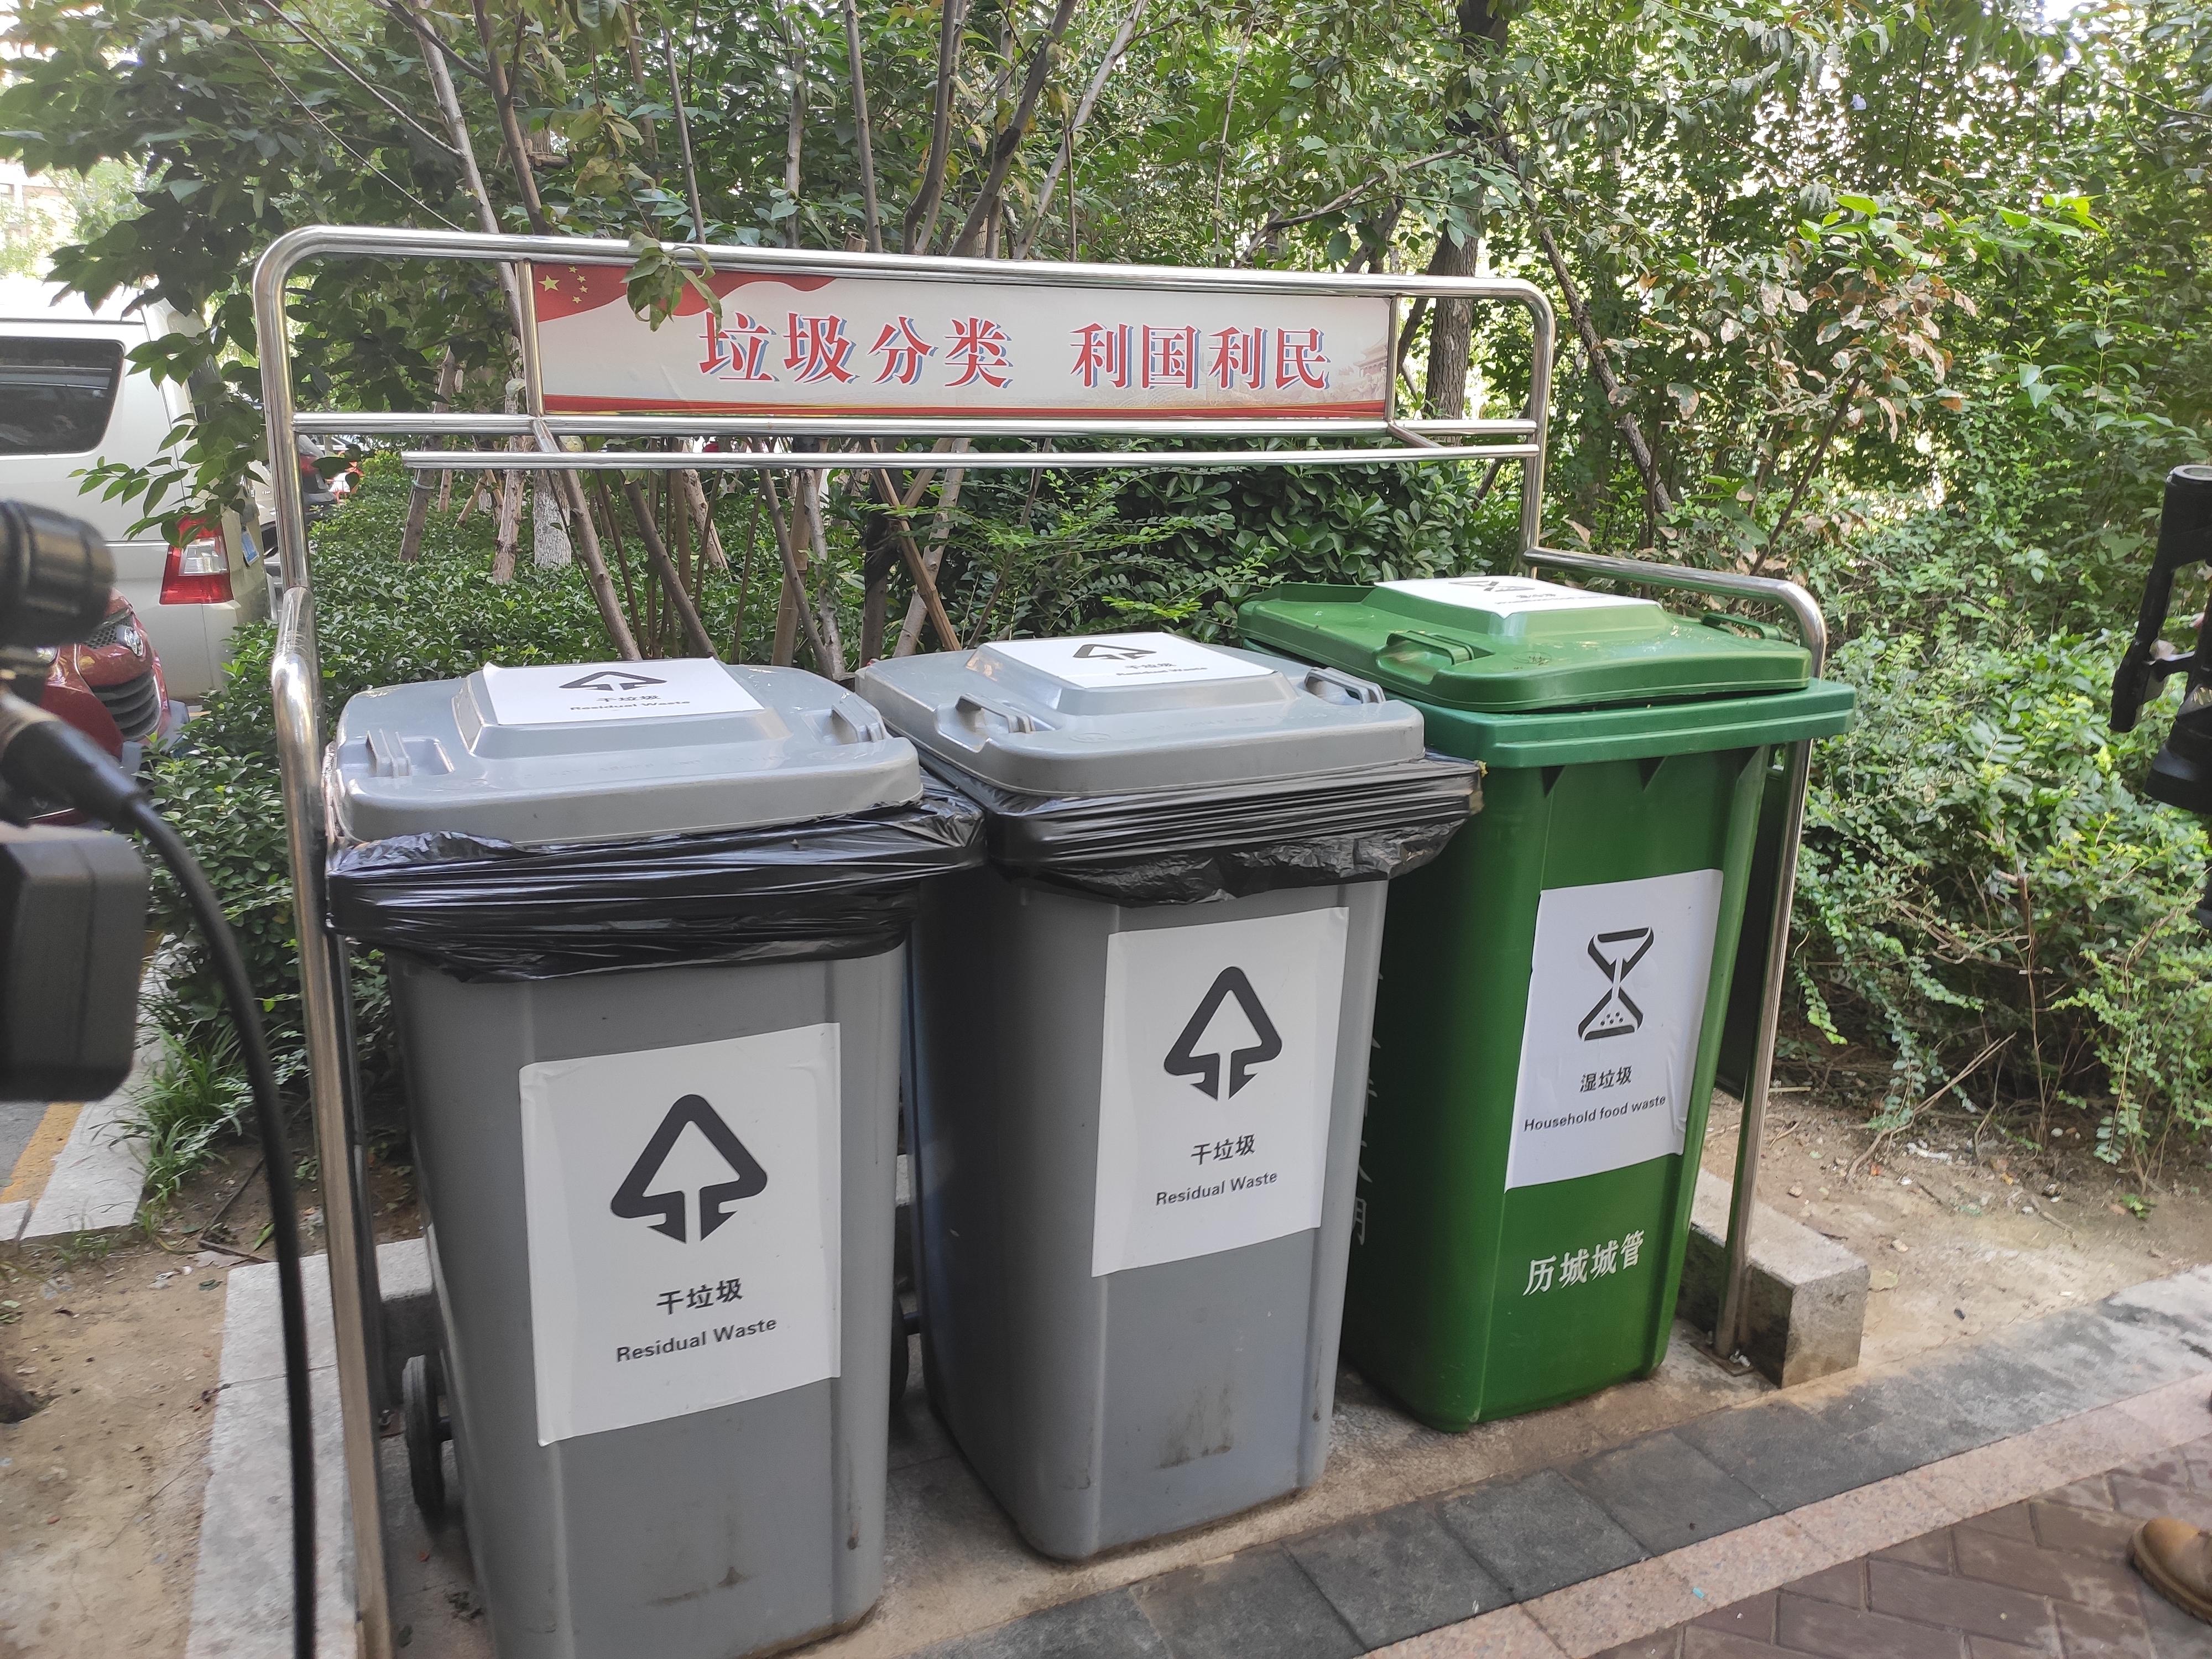 历城打造全市首个生活垃圾四分类社区扮靓居民绿色新生活